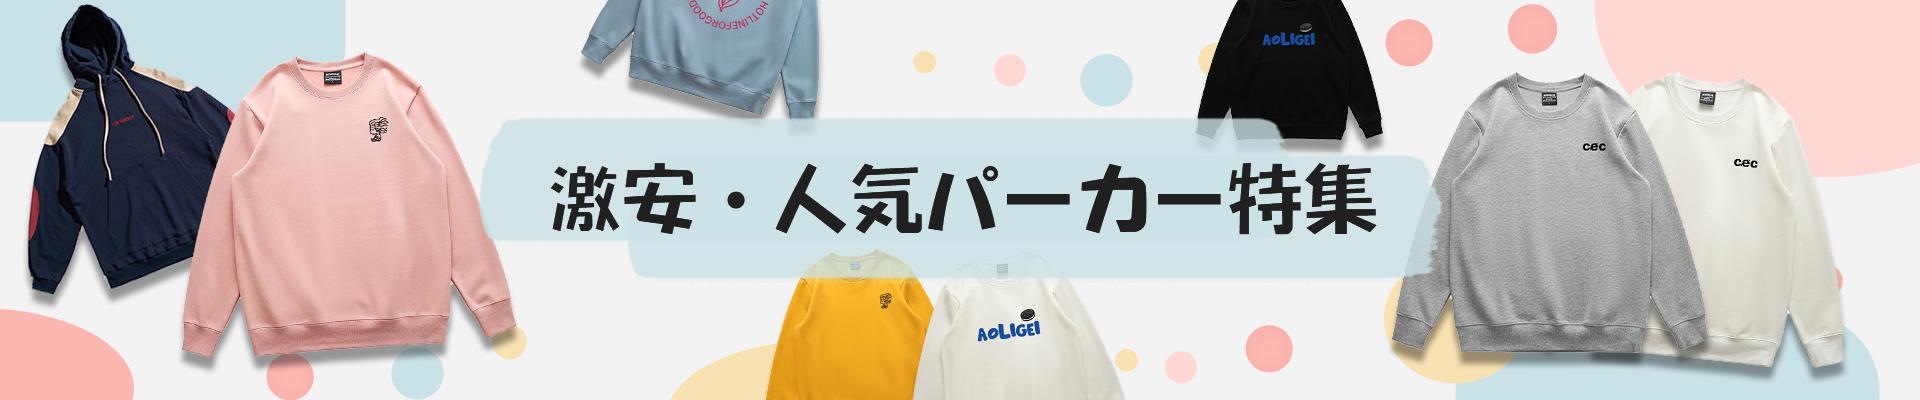 「Cmall」激安・人気パーカー特集